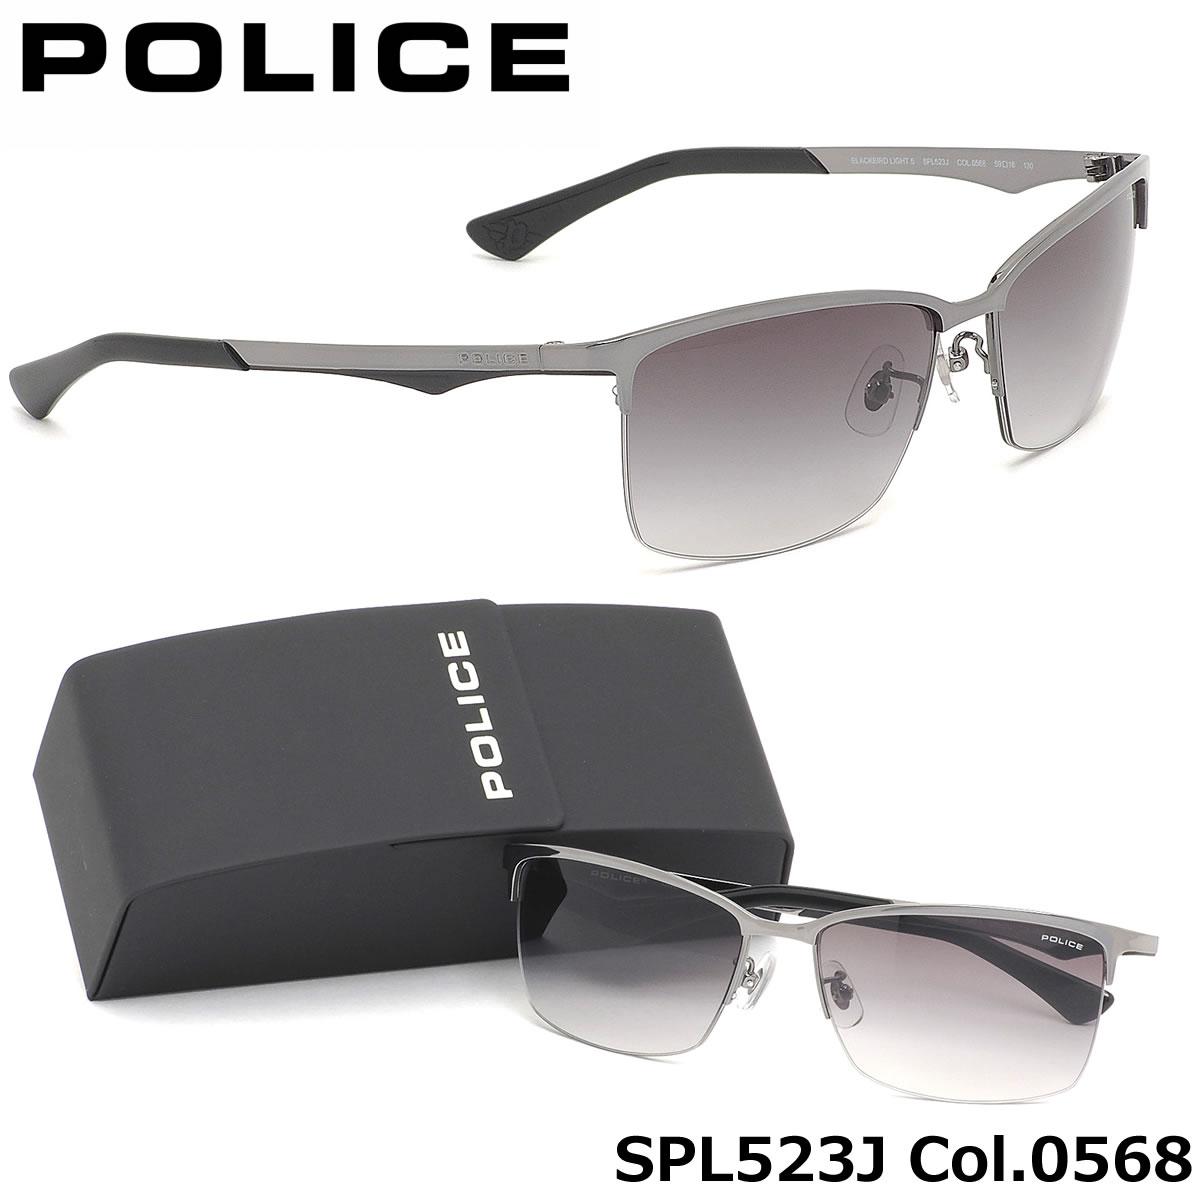 ポイント最大42倍!!お得なクーポンも !! 【ポリス】 (POLICE) サングラスSPL523J 0568 59サイズBLACKBIRDLIGHT5 スクエアPOLICE メンズ レディース